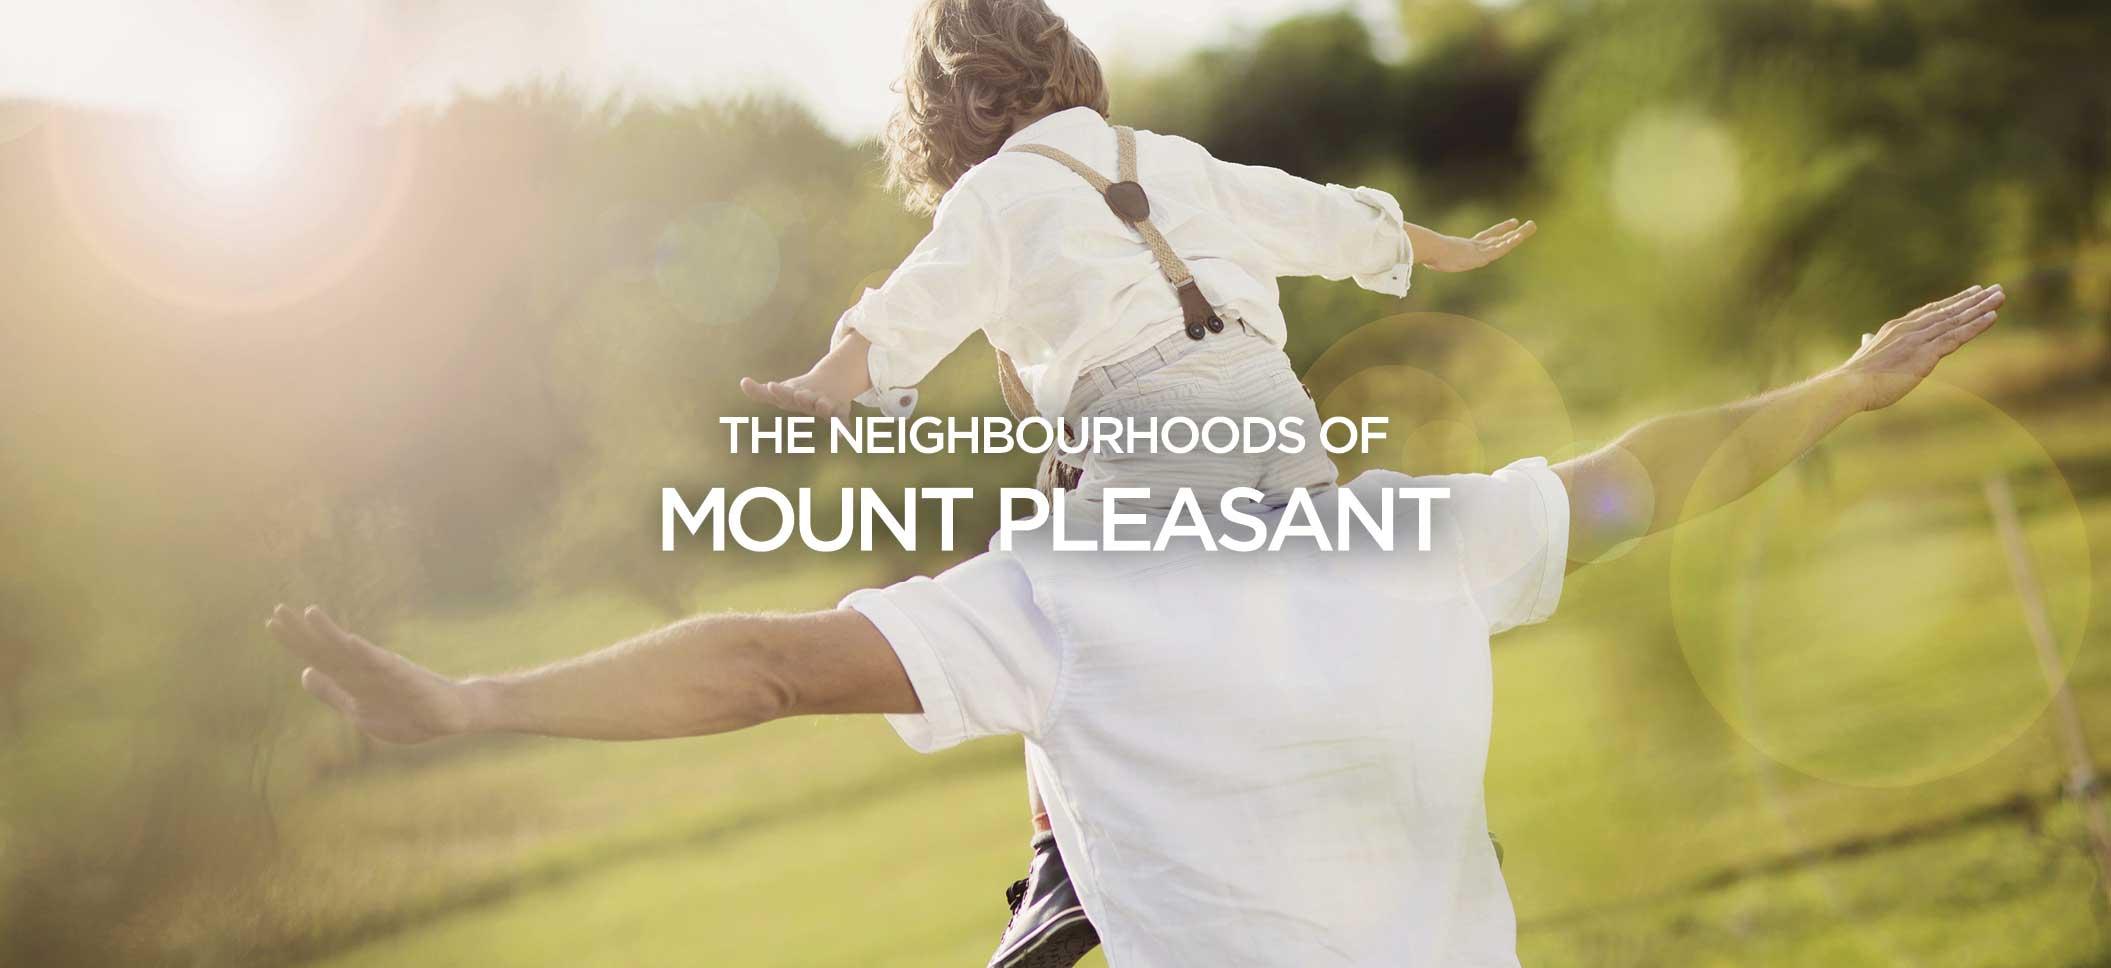 The Neighbourhoods of Mount Pleasant